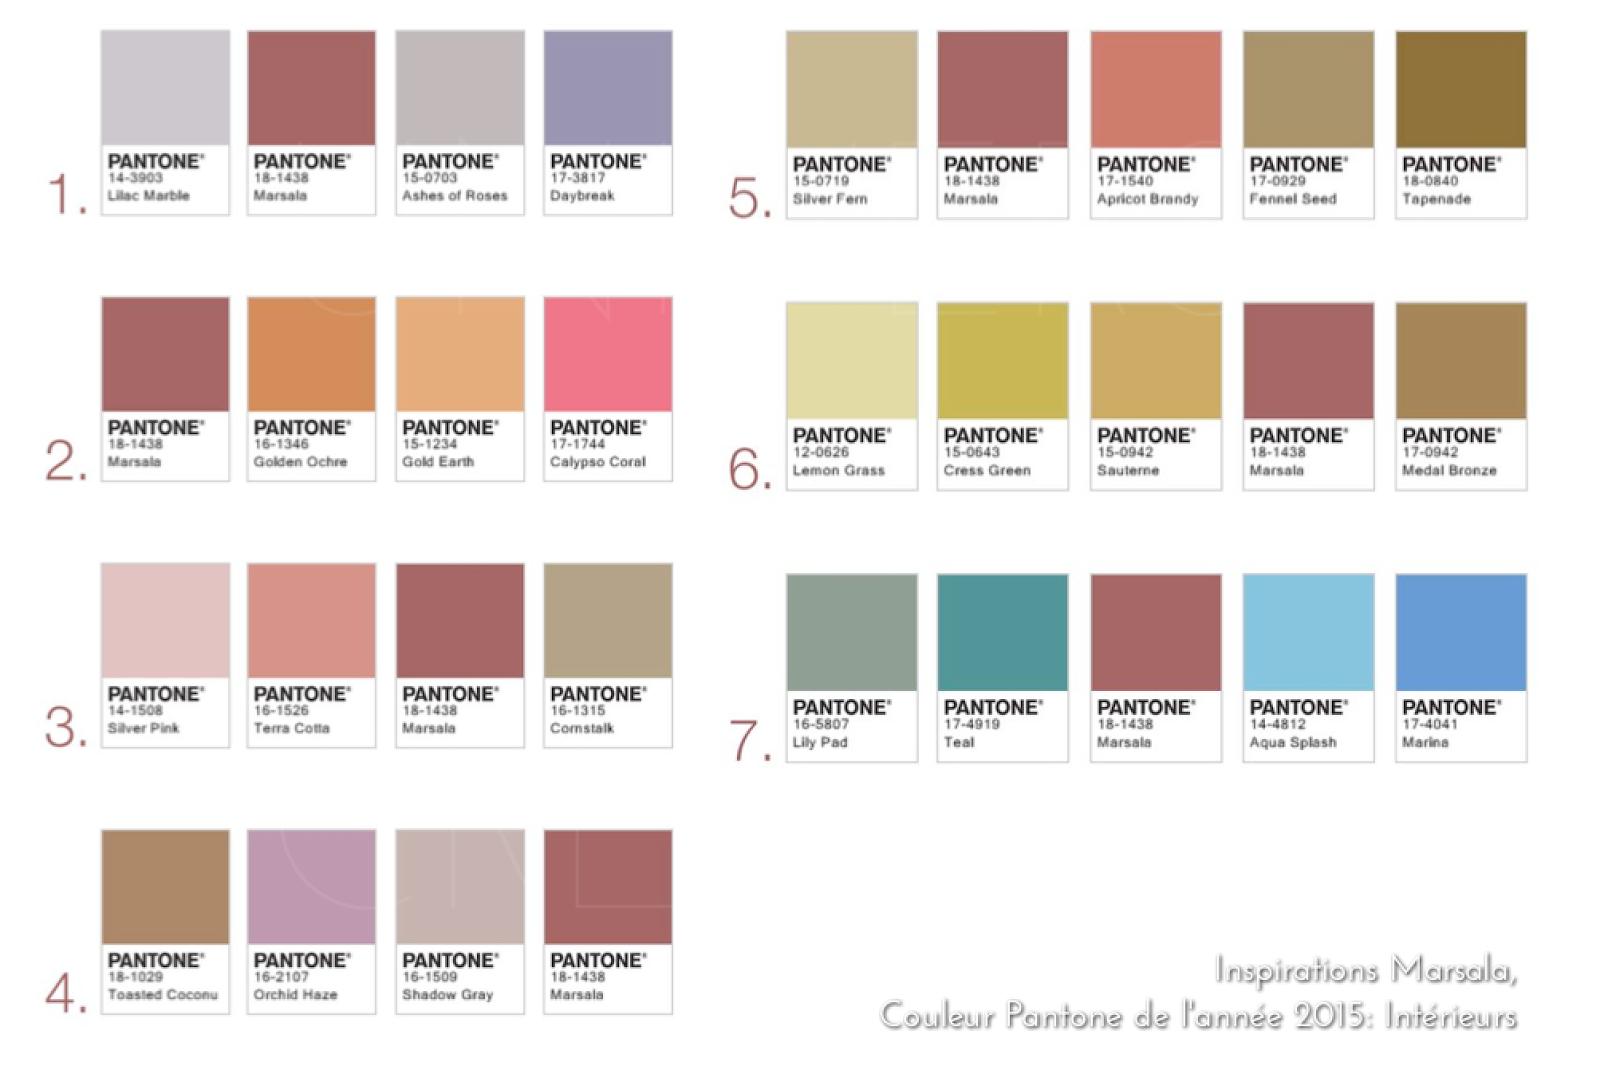 univers creatifs inspirations marsala couleur pantone de l 39 ann e 2015 int rieurs. Black Bedroom Furniture Sets. Home Design Ideas